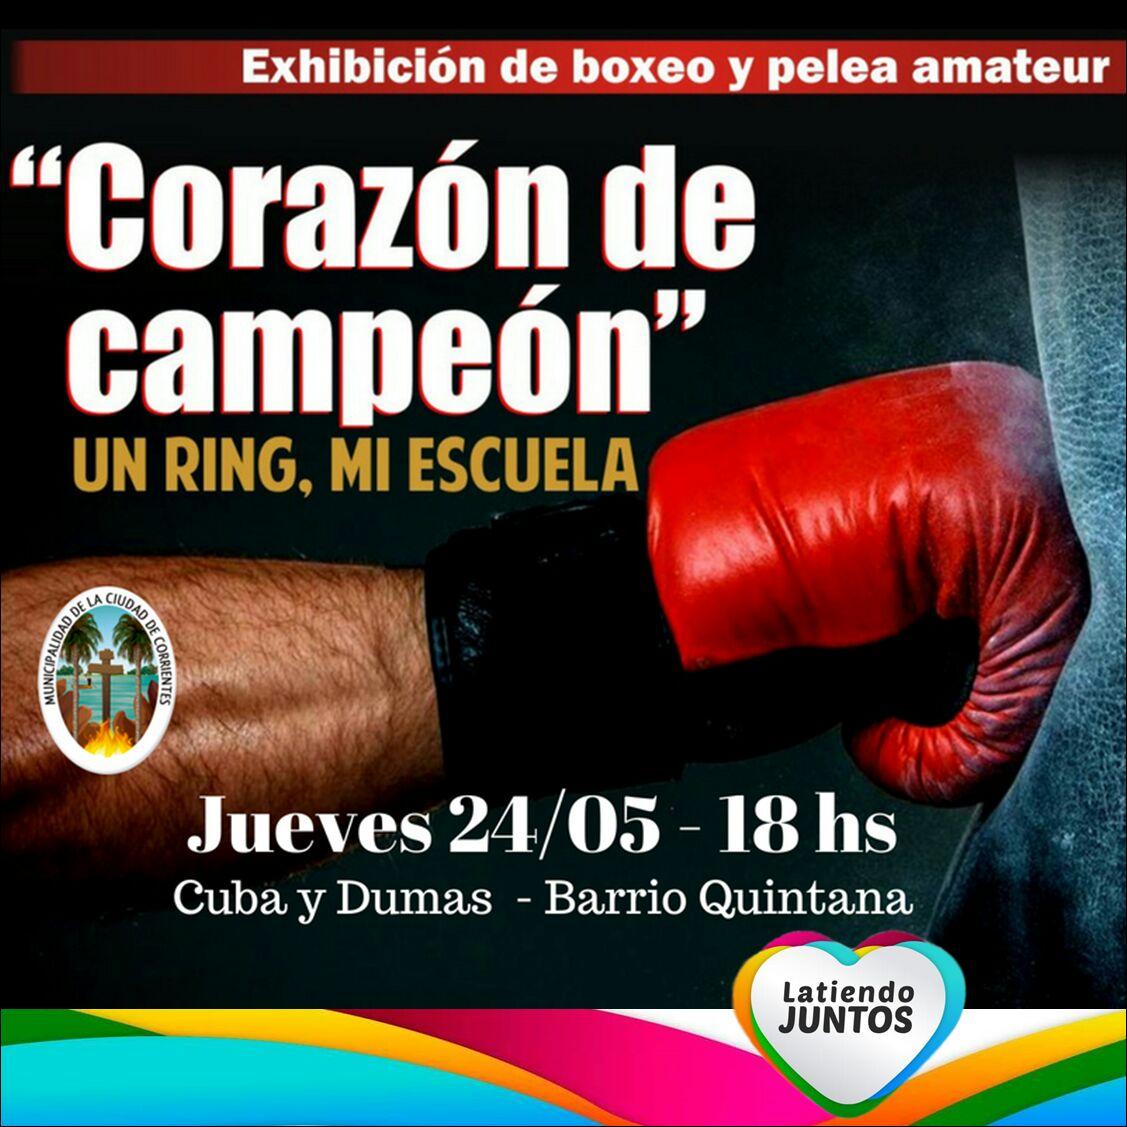 El programa Corazón de Campeón, en el barrio Quintana